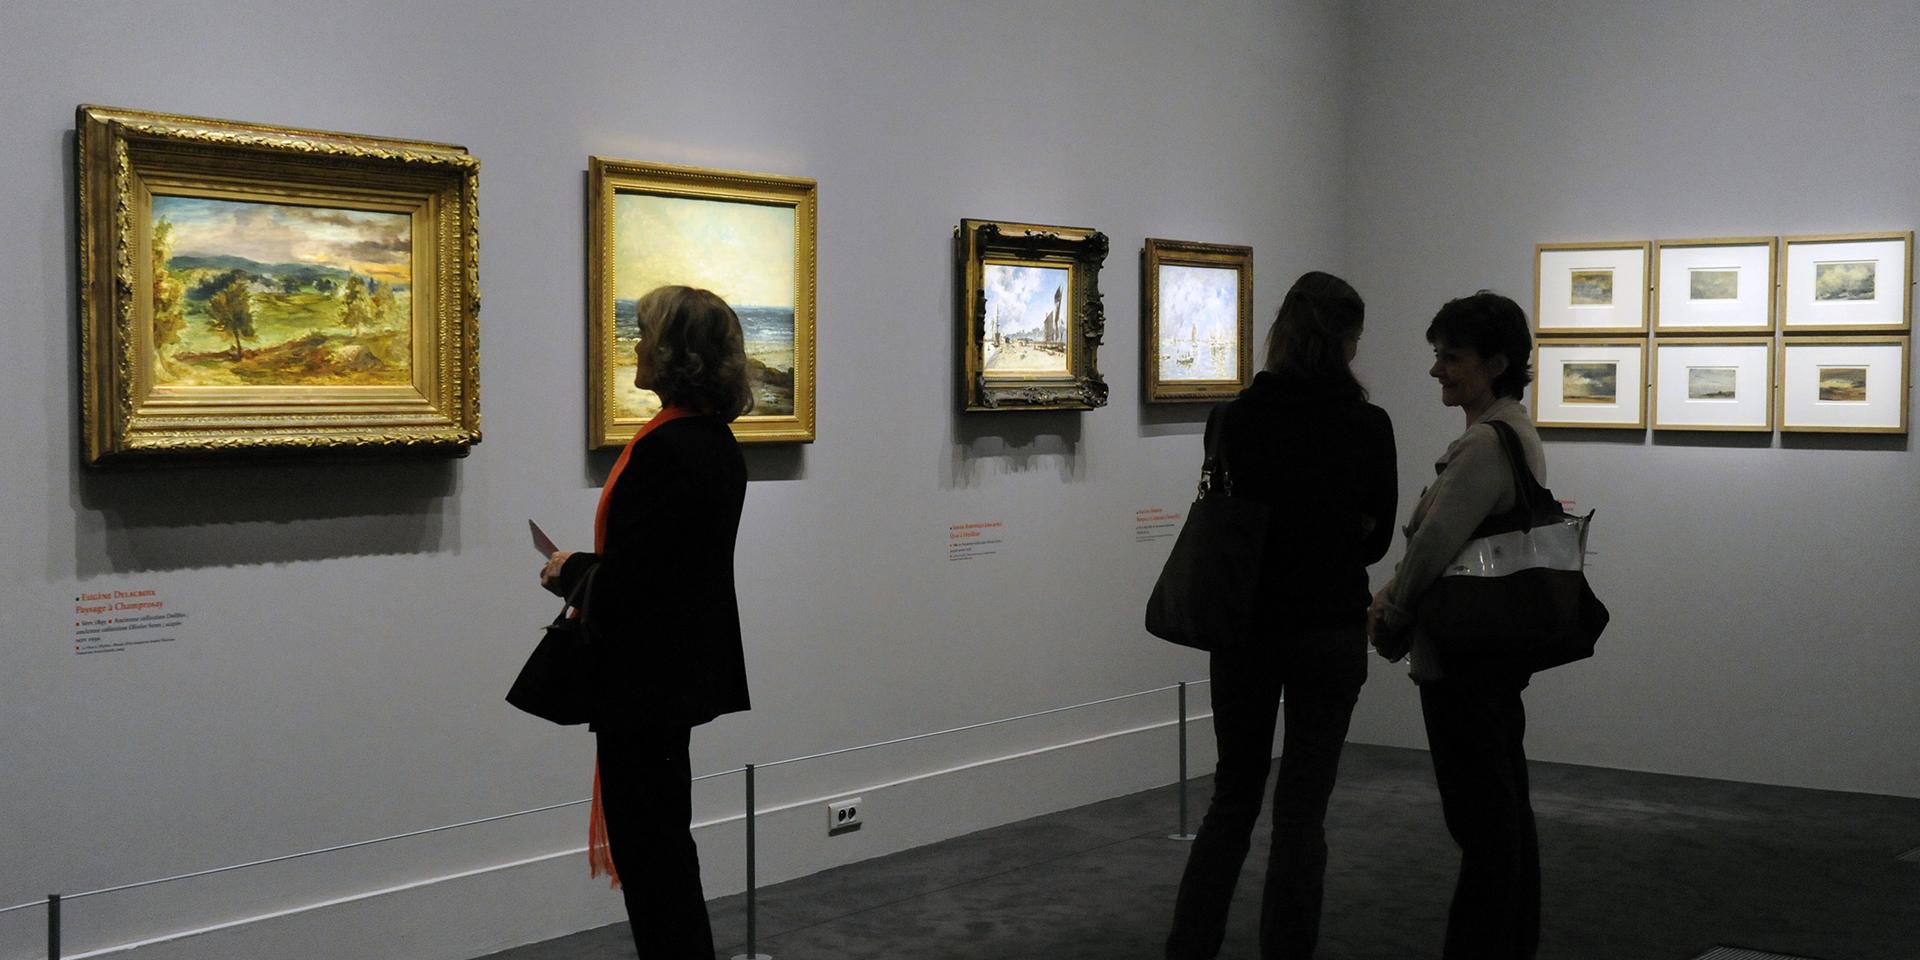 exposition au Musée du Luxembourg